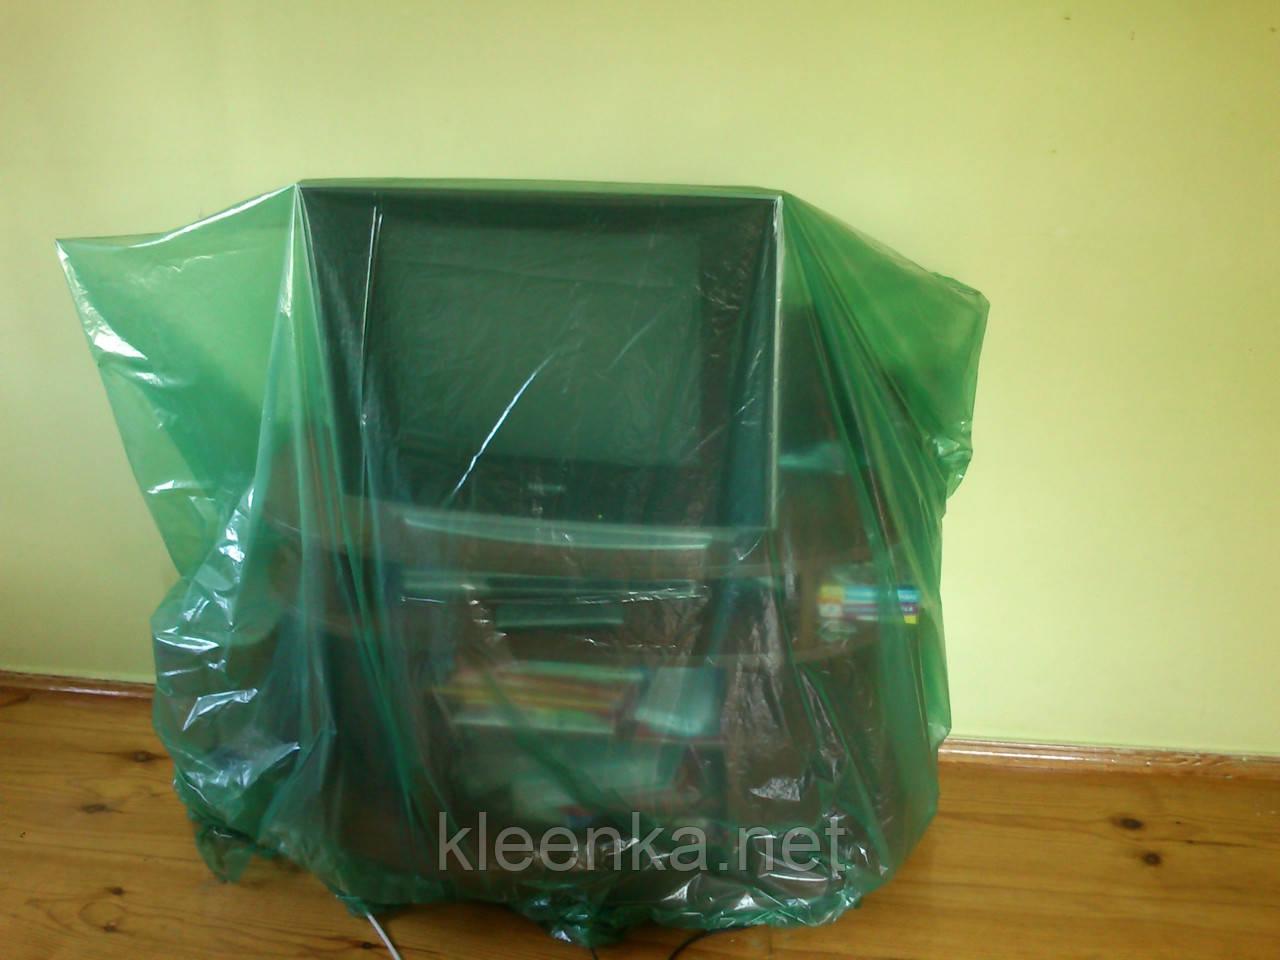 Пленка зеленаяя строительная для укрытия и защиты мебели во время ремонта, 3 м ширина, 30 мкм толщина - Олмакс пласт в Житомире